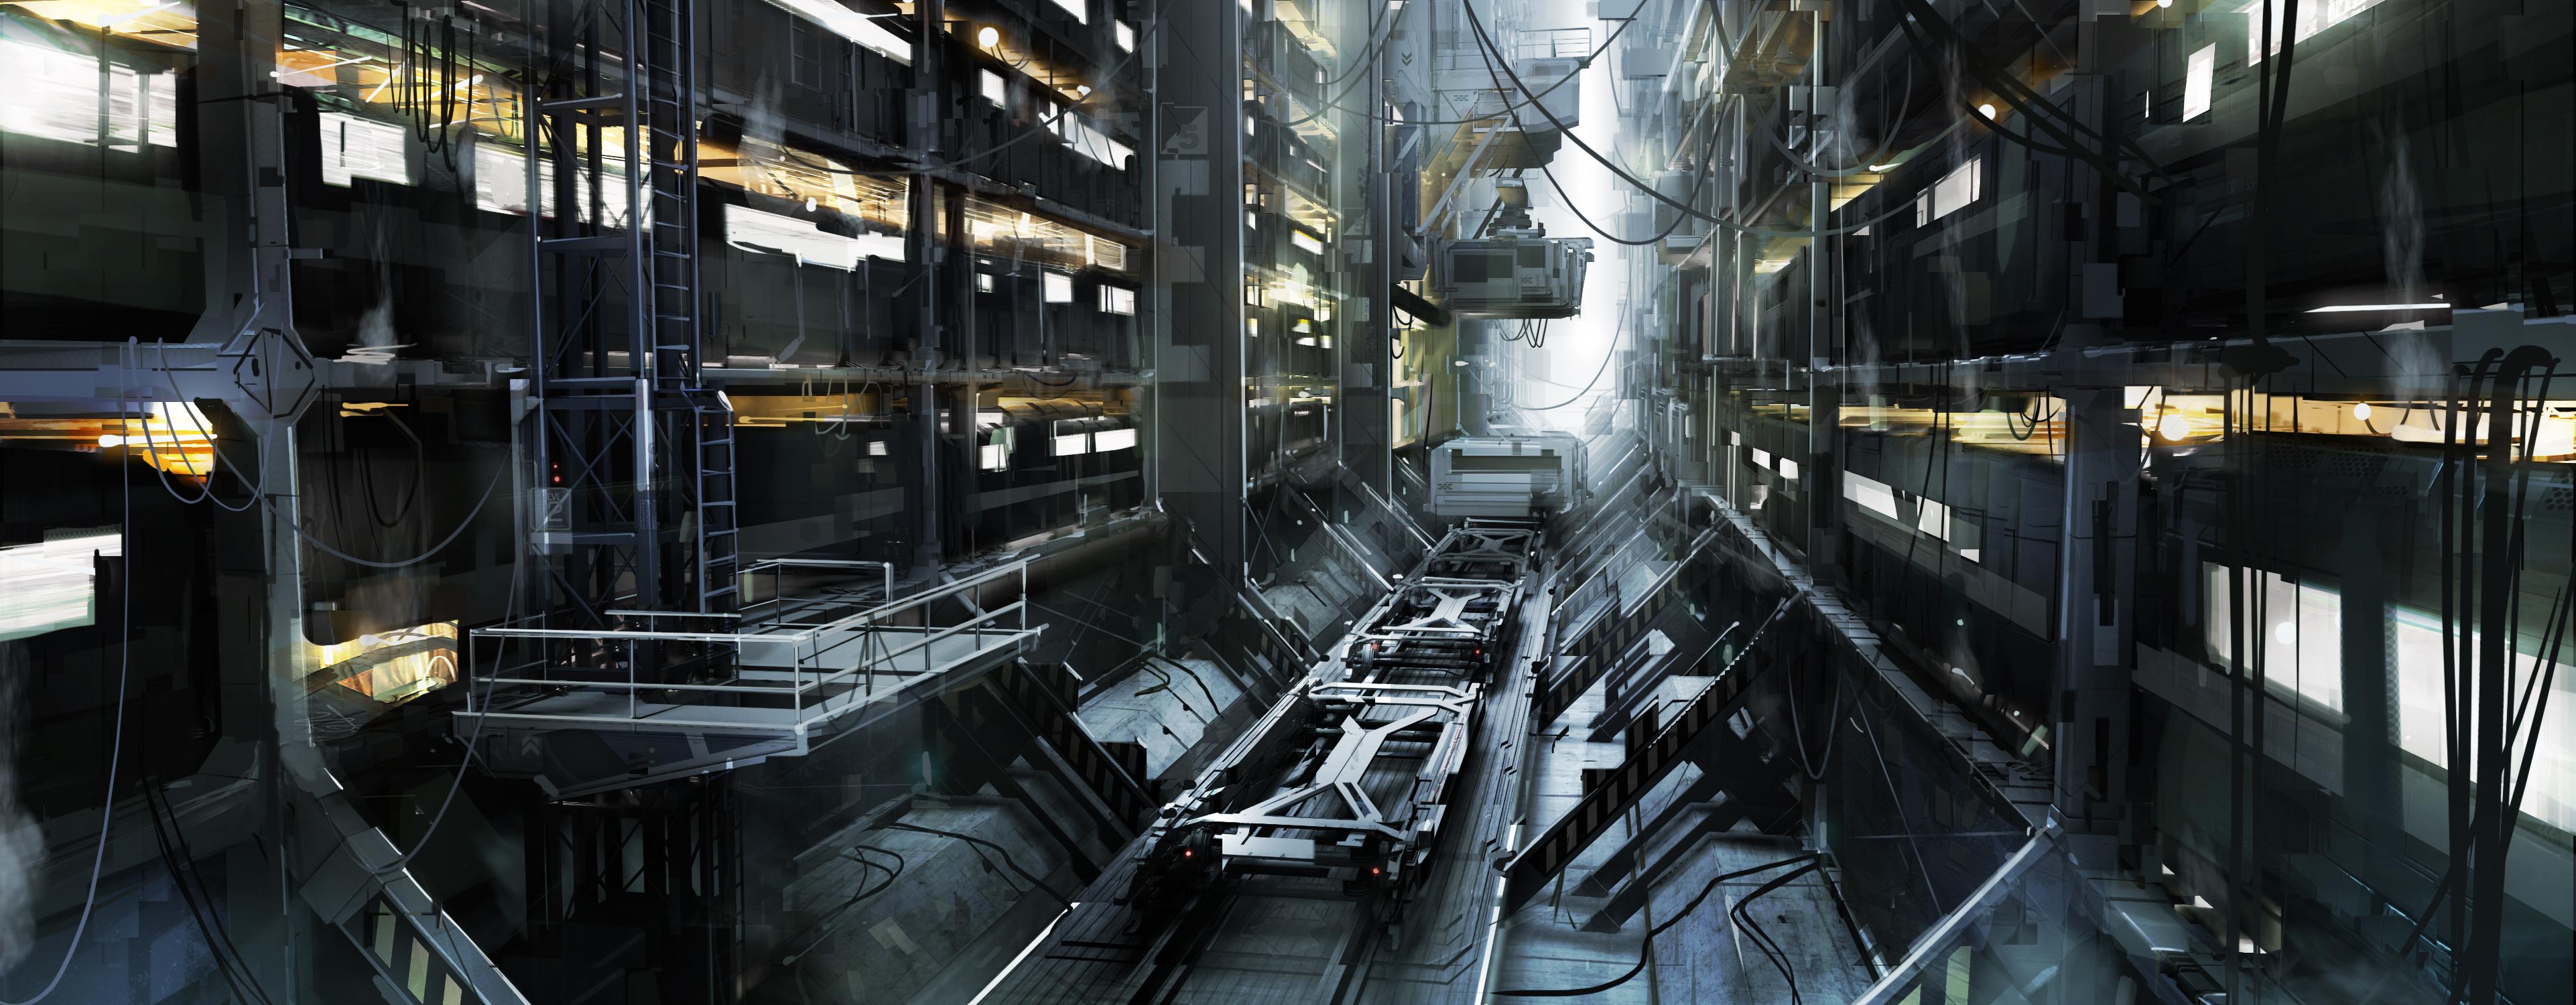 Množství obrazových materiálů z Deus Ex: Mankind Divided 111623